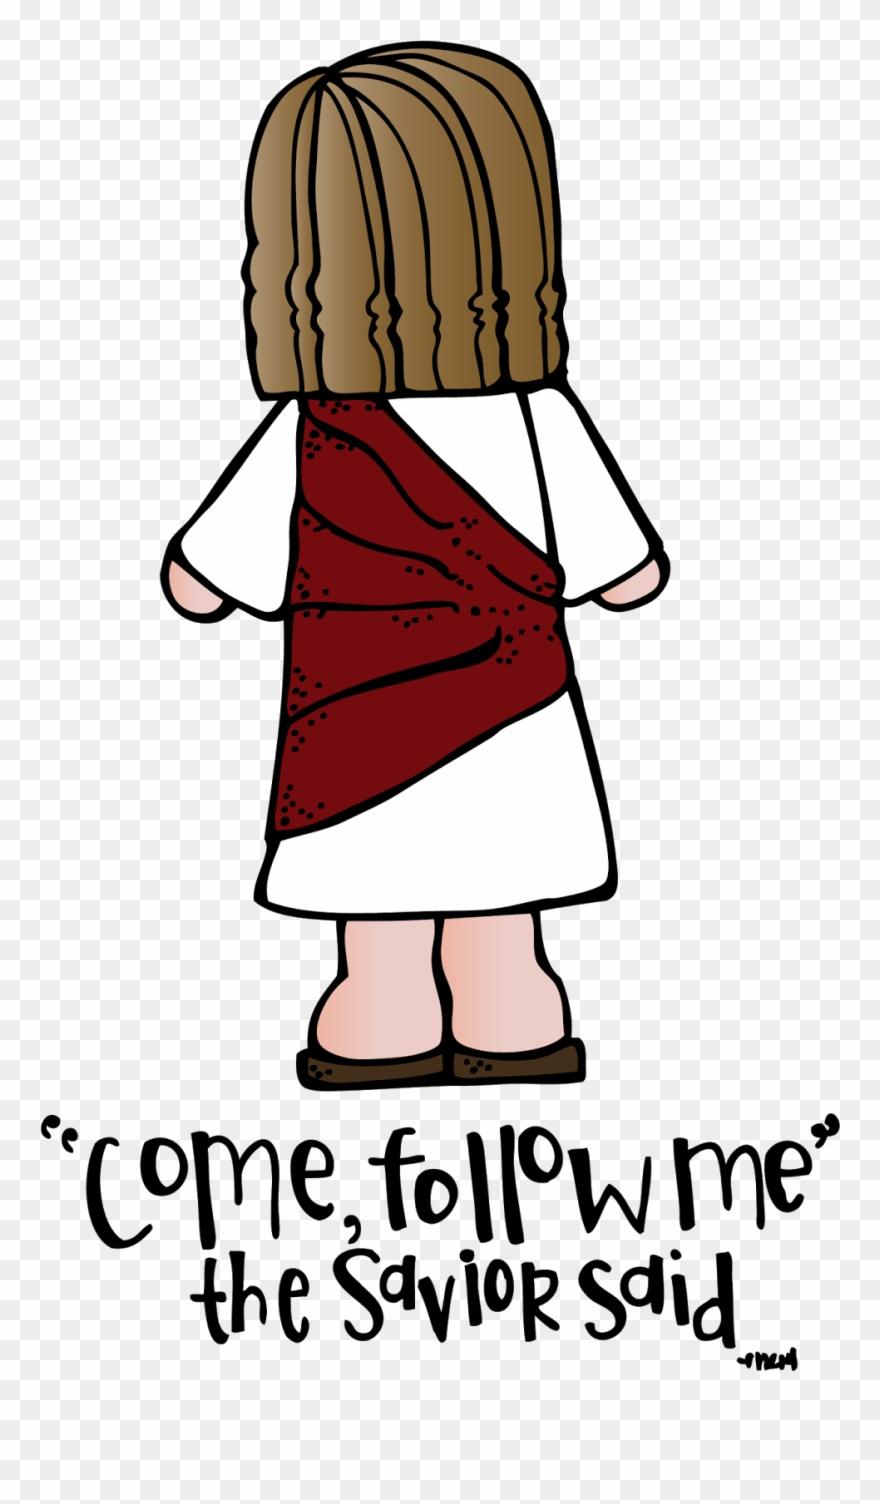 Melonheadz Lds Illustrating Raising Godly Children,.